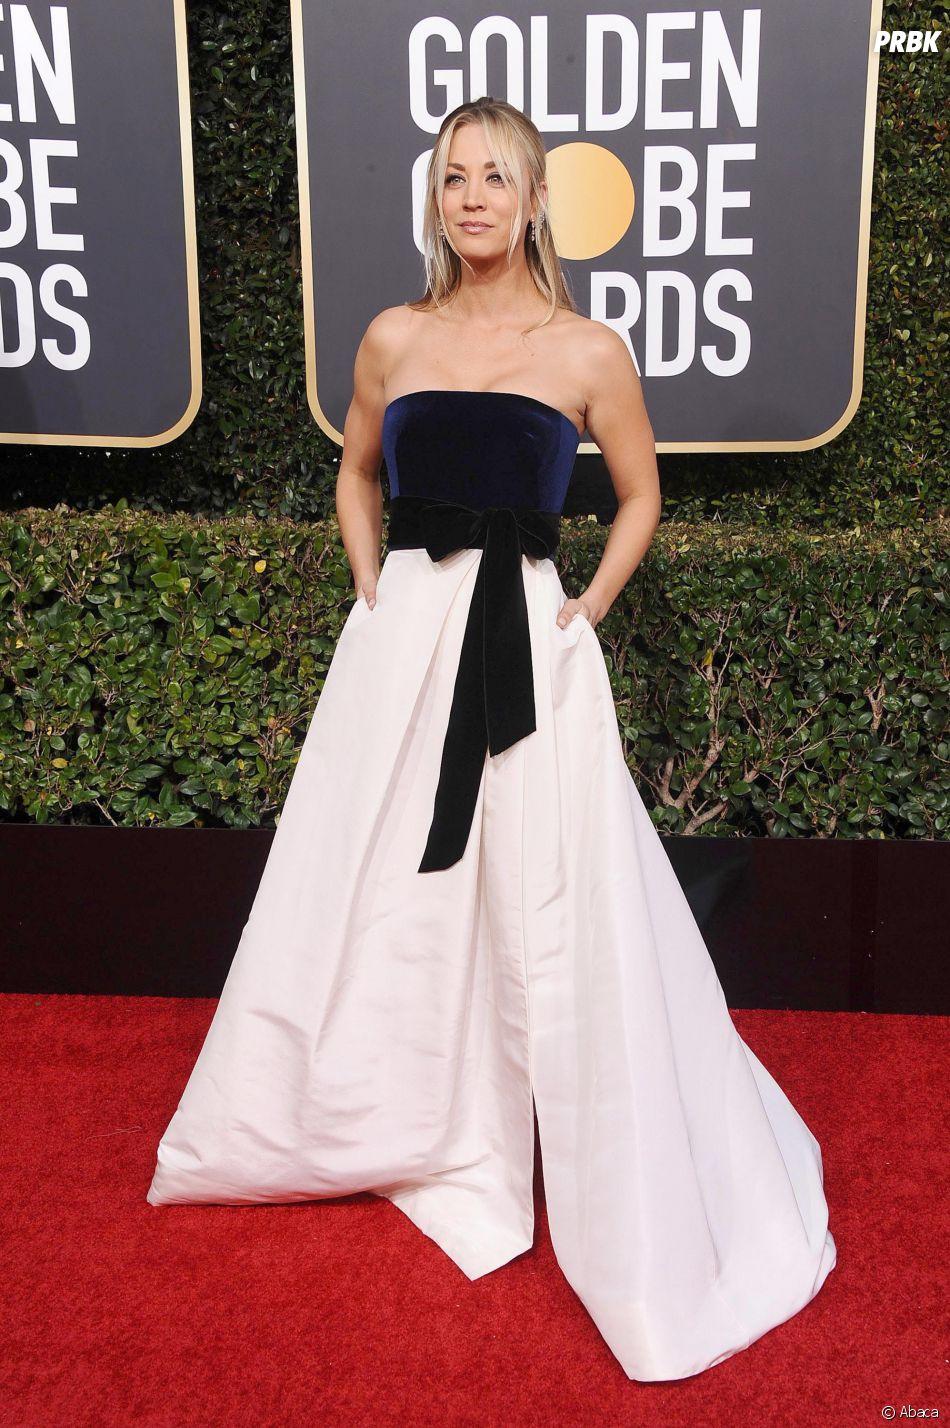 Kaley Cuoco sur le tapis rouge des Golden Globes le 6 janvier 2019